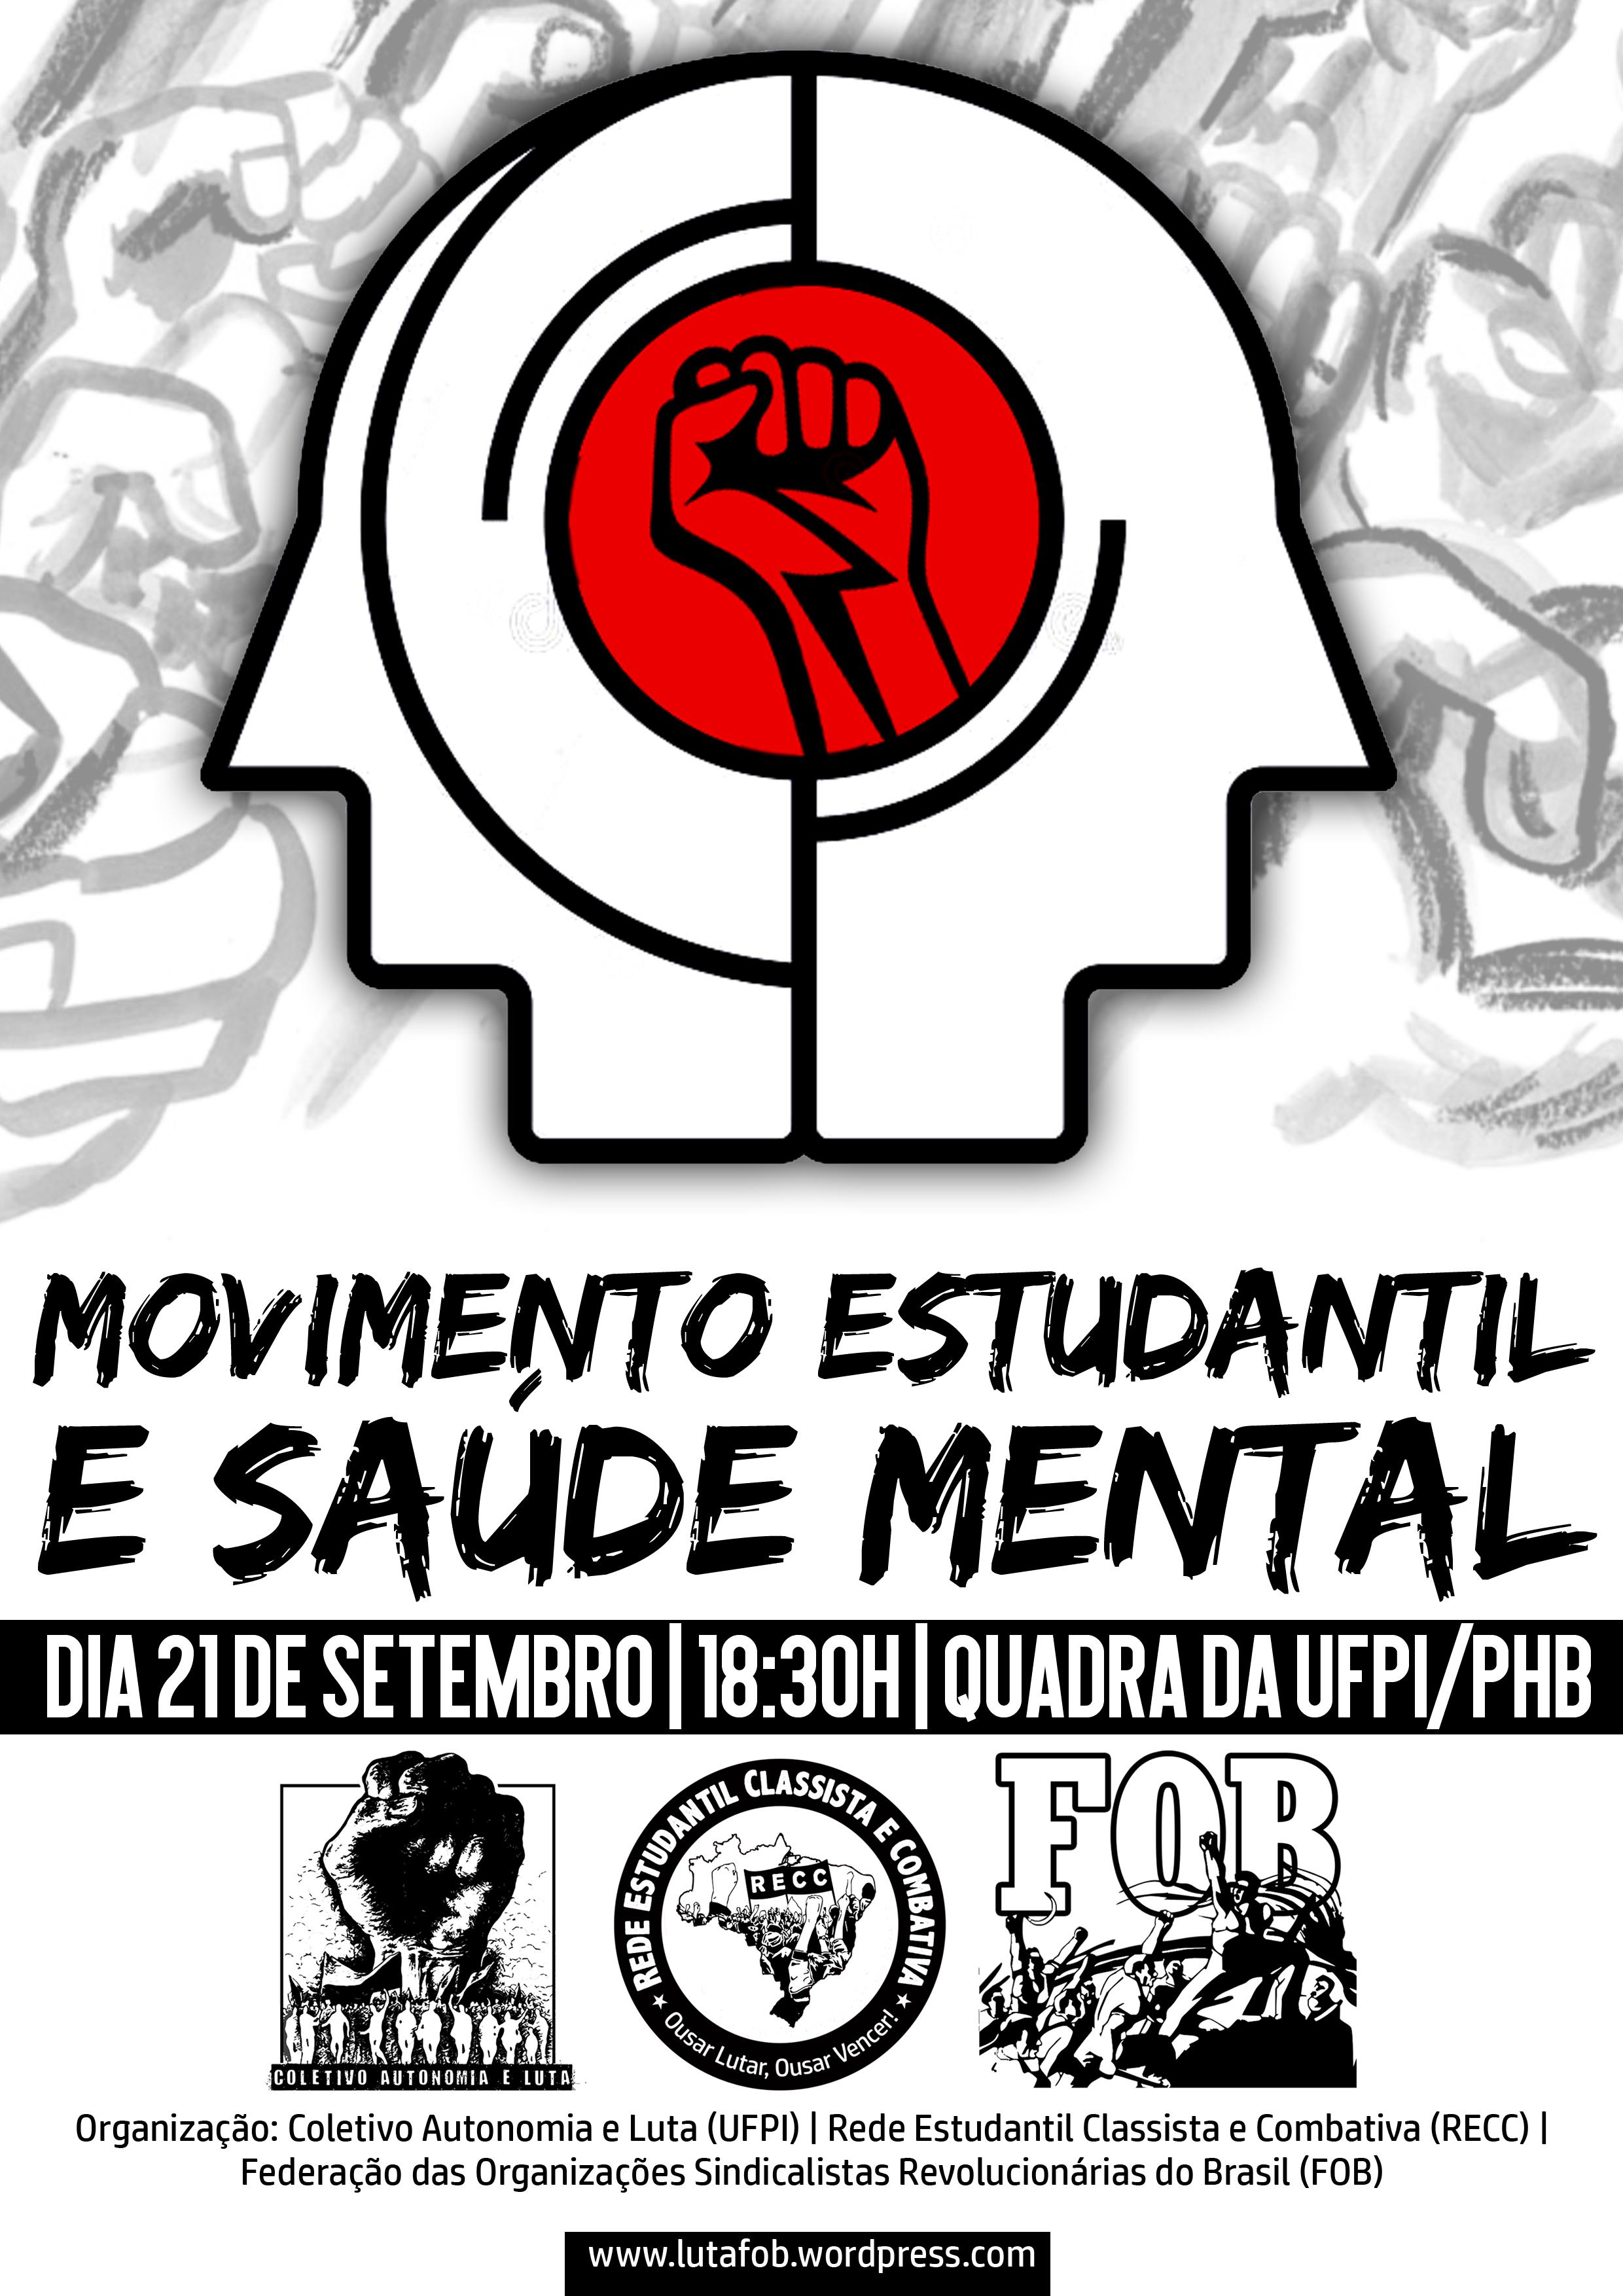 movimento estudantil e saúde mental parnaíba piauí coletivo autonomia e luta rede estudantil classista e combativa federação das orgainzações sindicalistas revolucionárias do brasil CAL RECC FOB.png